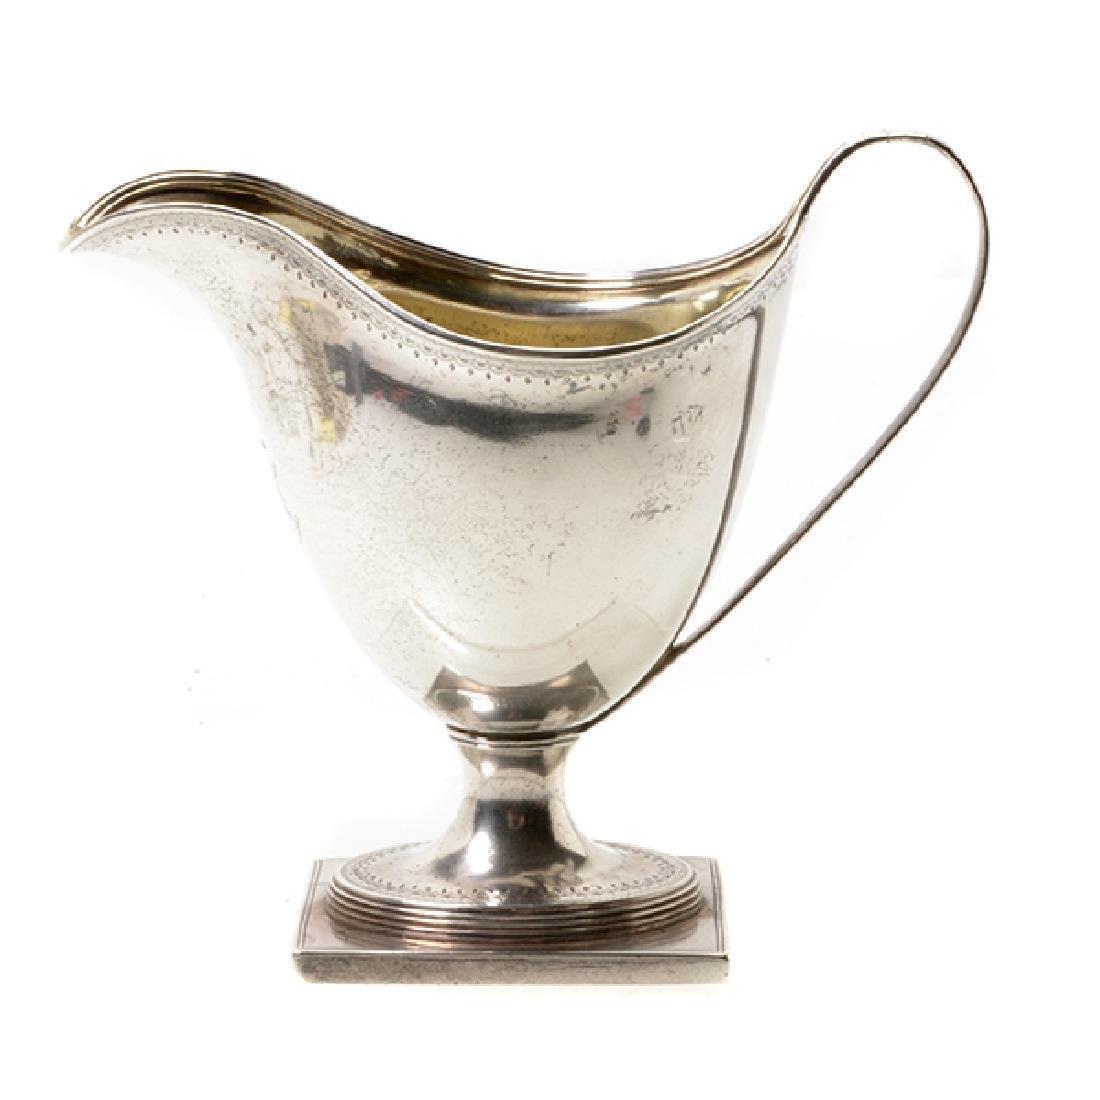 English George III Helmet Form Creamer, c. 1791